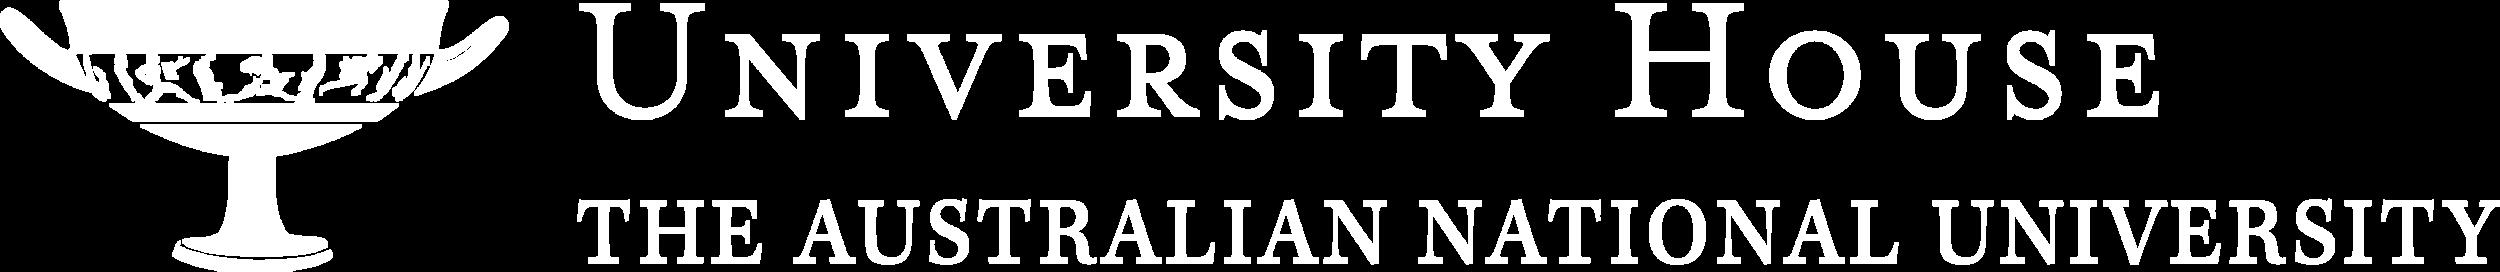 UH logo white.png